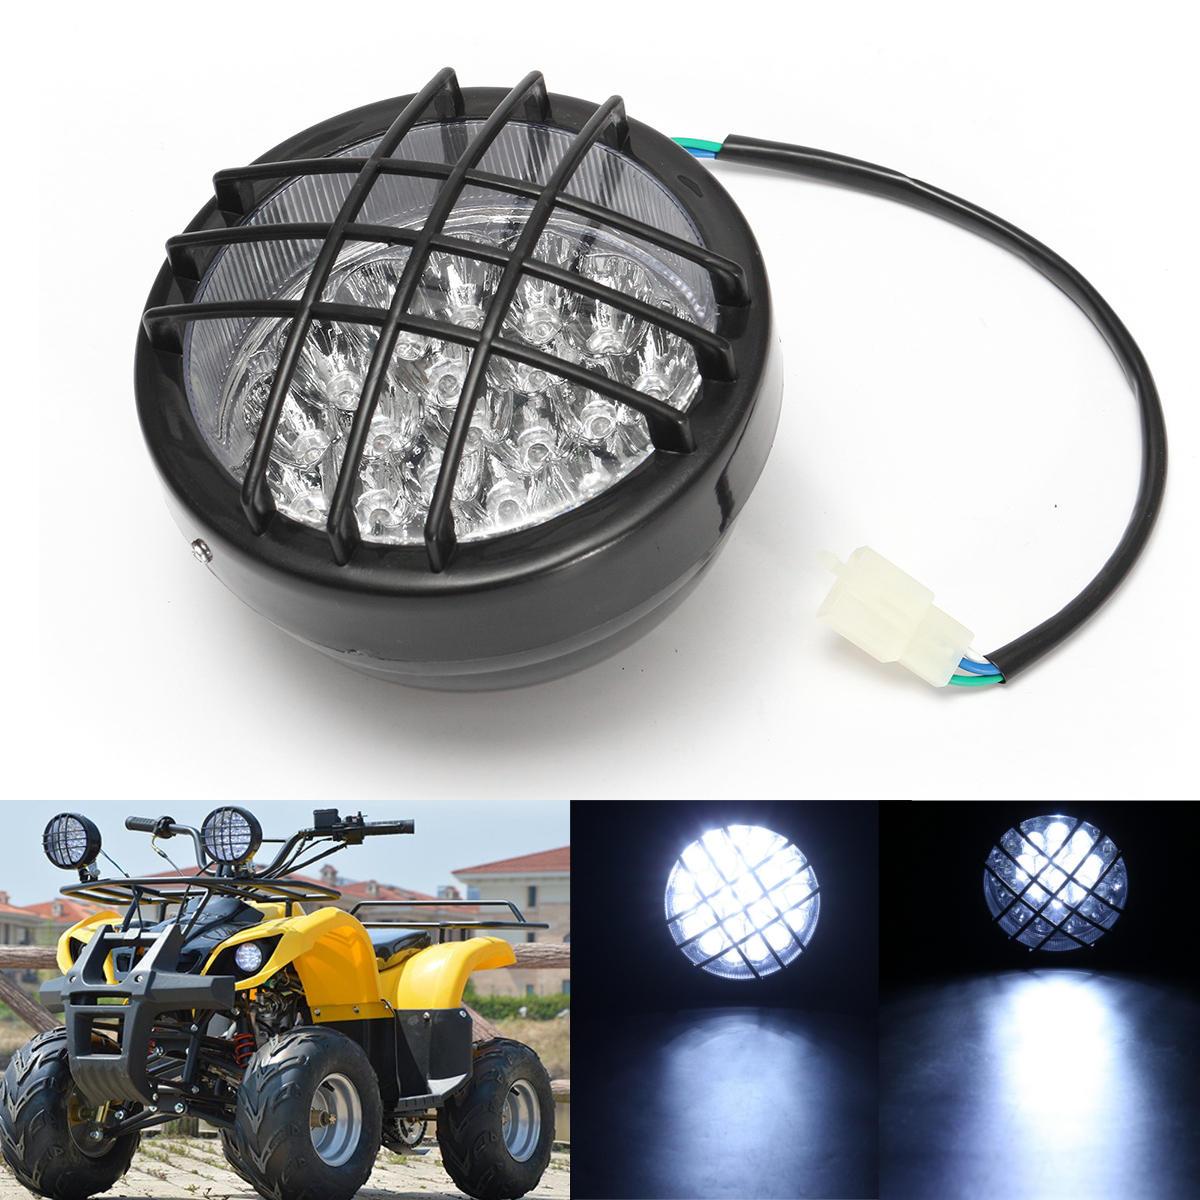 hight resolution of 12v front led headlight lamp for atv quad 4 wheeler go kart roketa sunl taotao cod